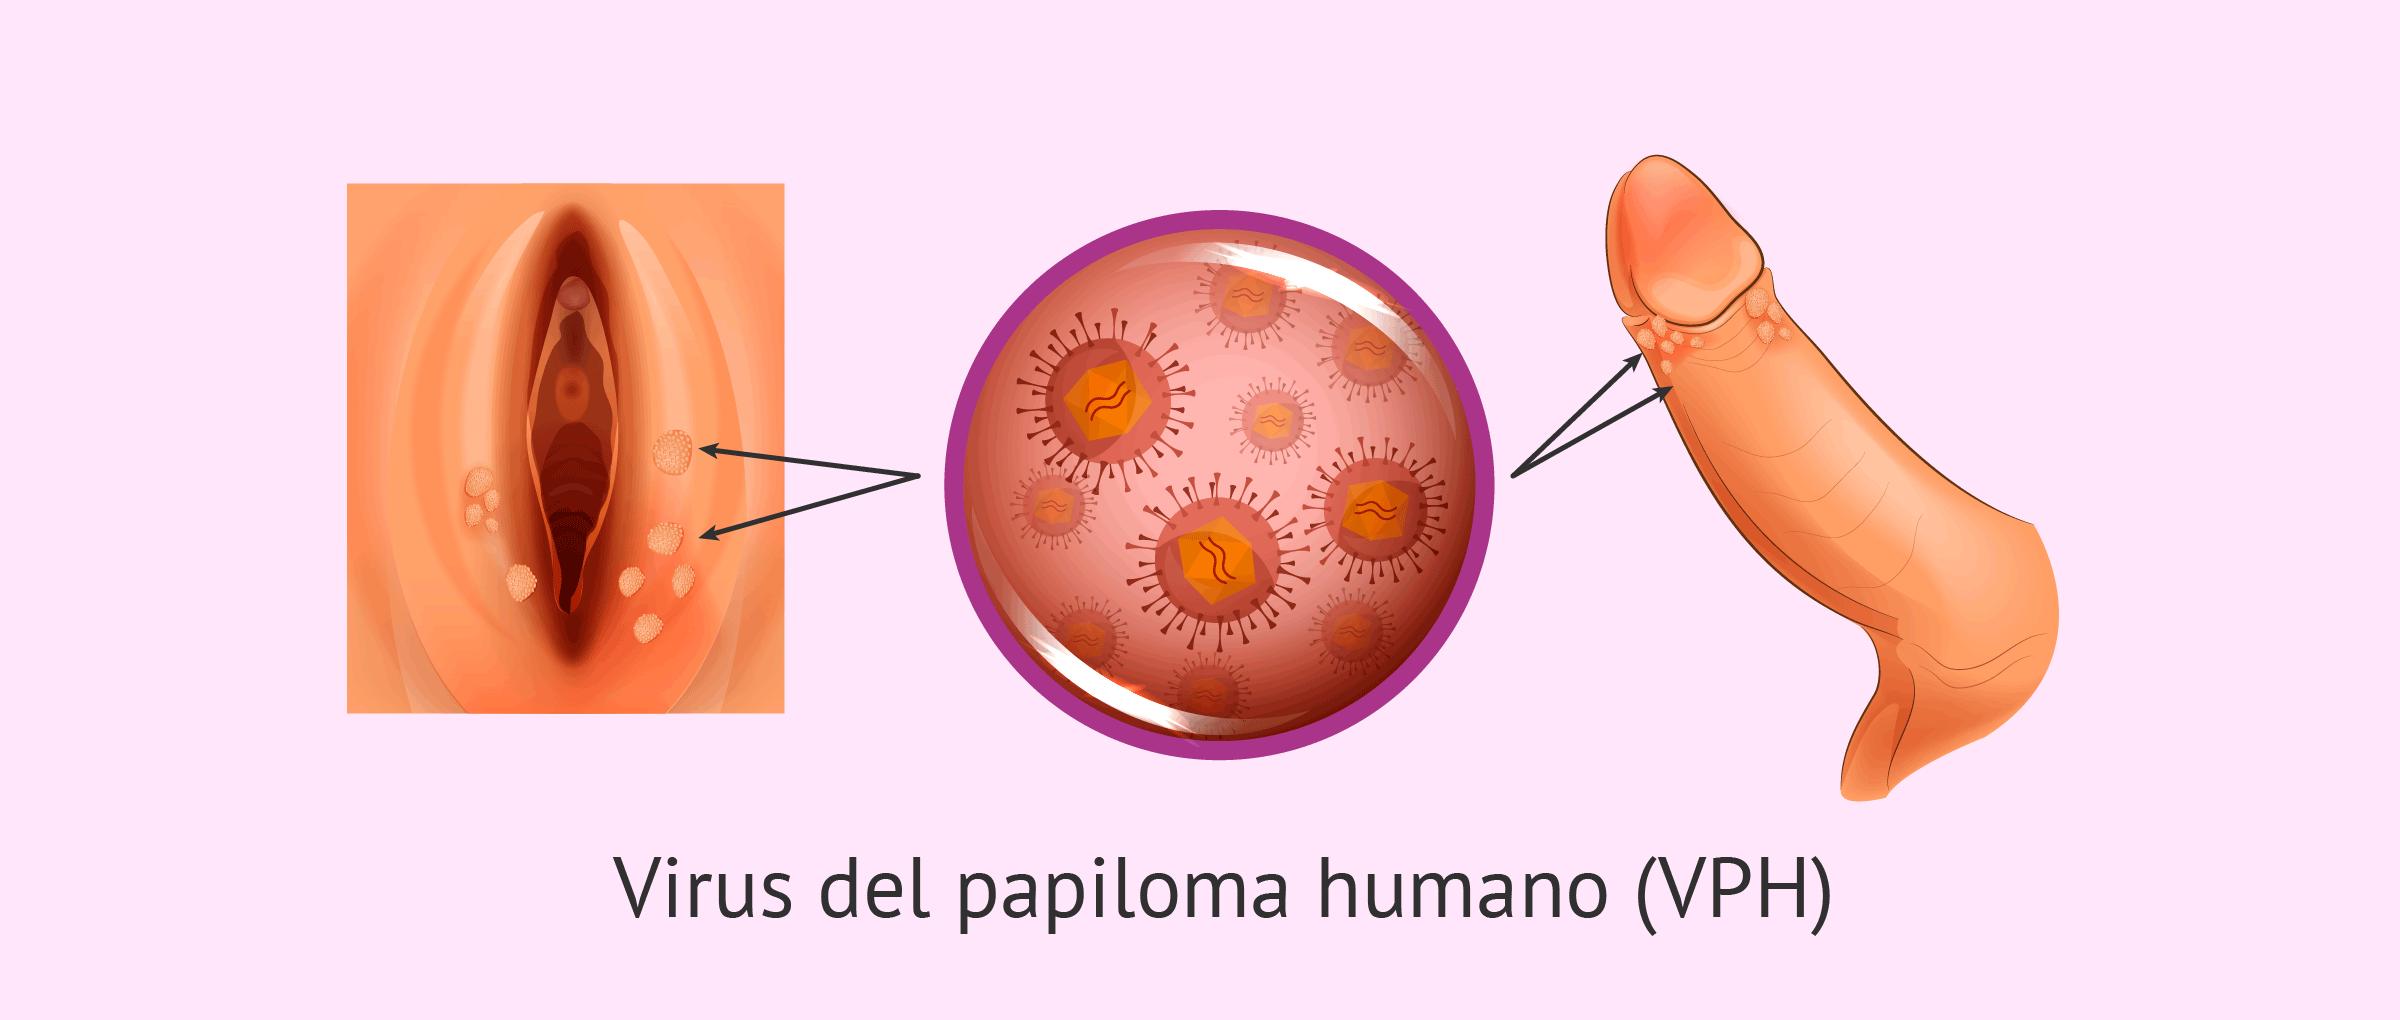 ?como se contagia virus del papiloma humano en la mujer define prefix helminth